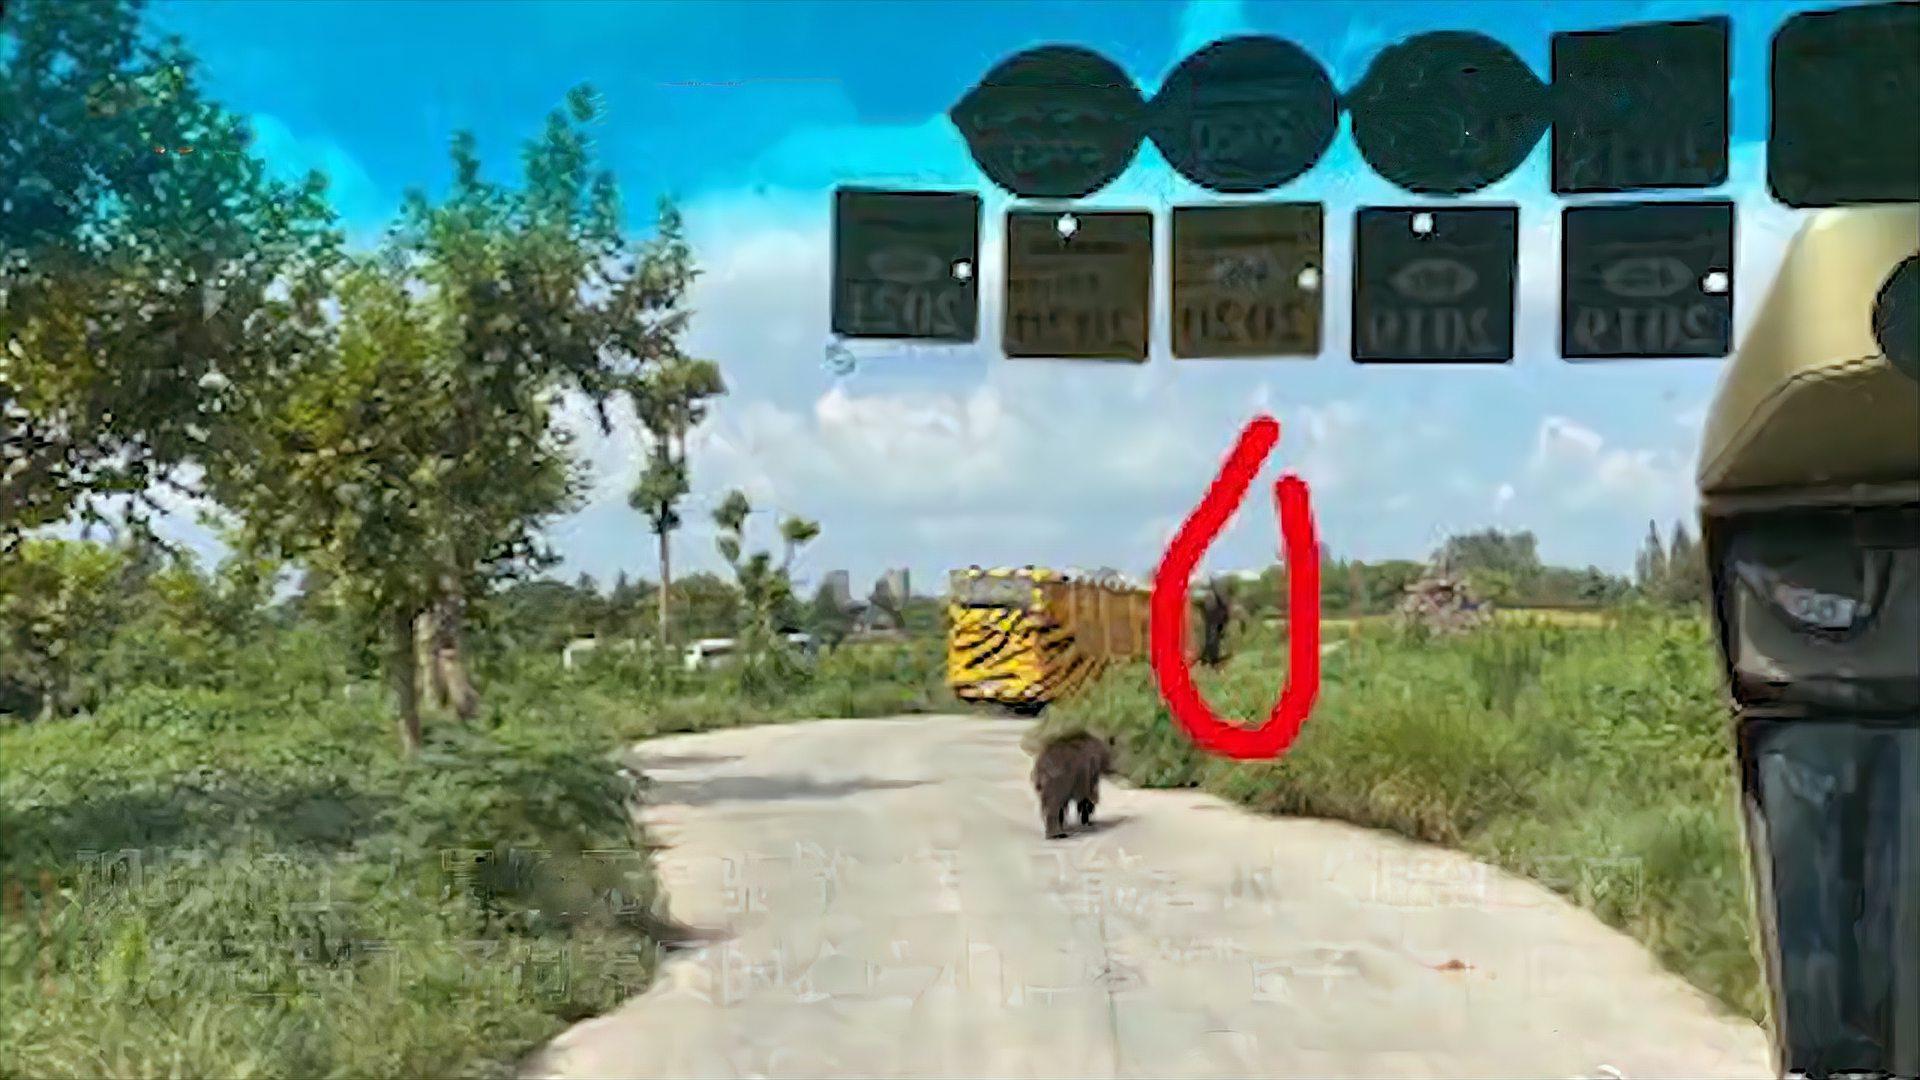 上海野生动物园员工遭熊撕咬致死,网友目击:人被熊群拖走只剩鞋